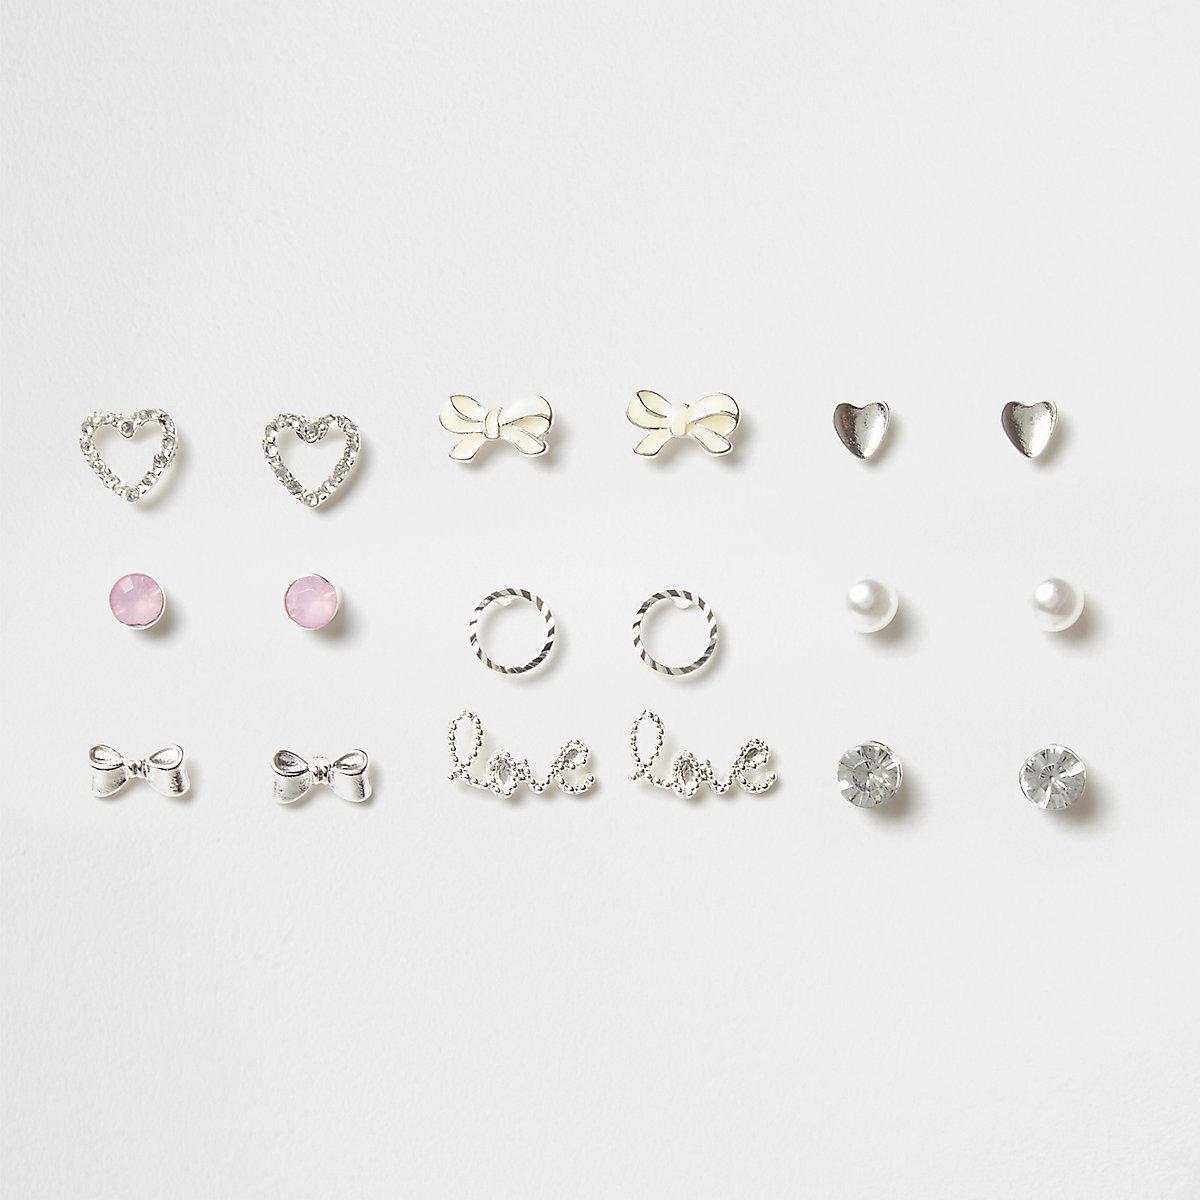 Girls silver tone heart stud earrings pack